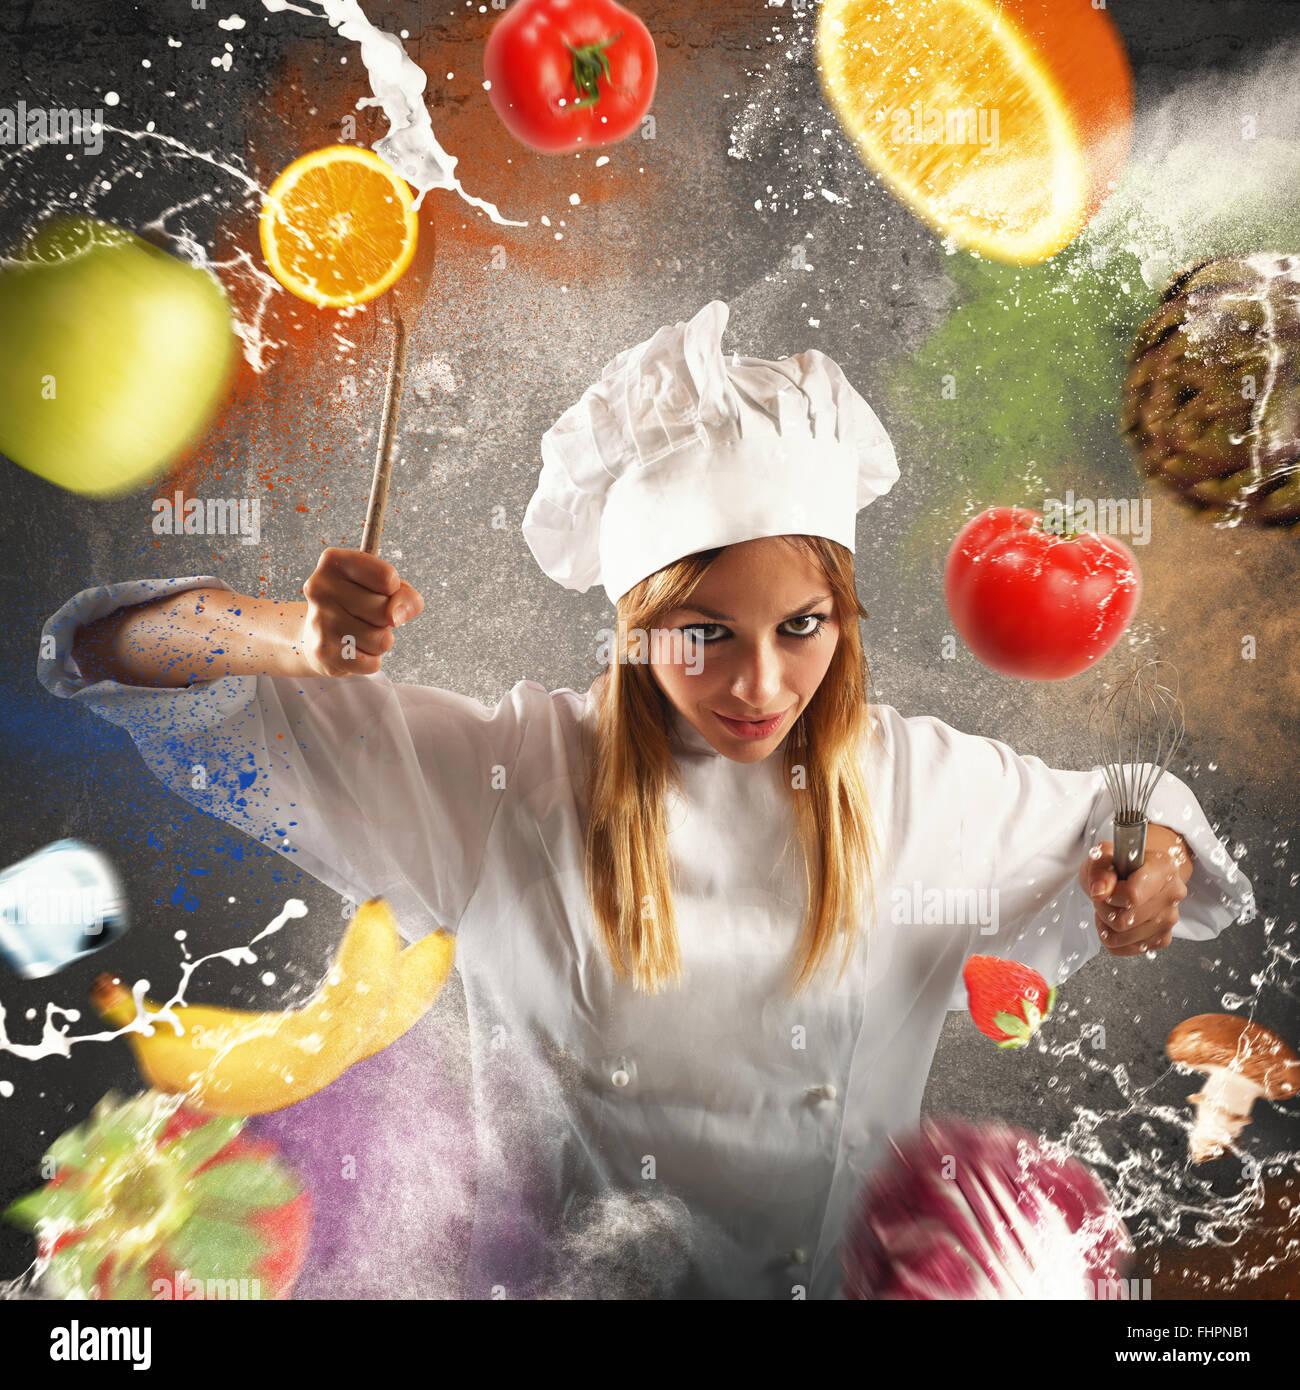 Enojado y exigente chef Imagen De Stock